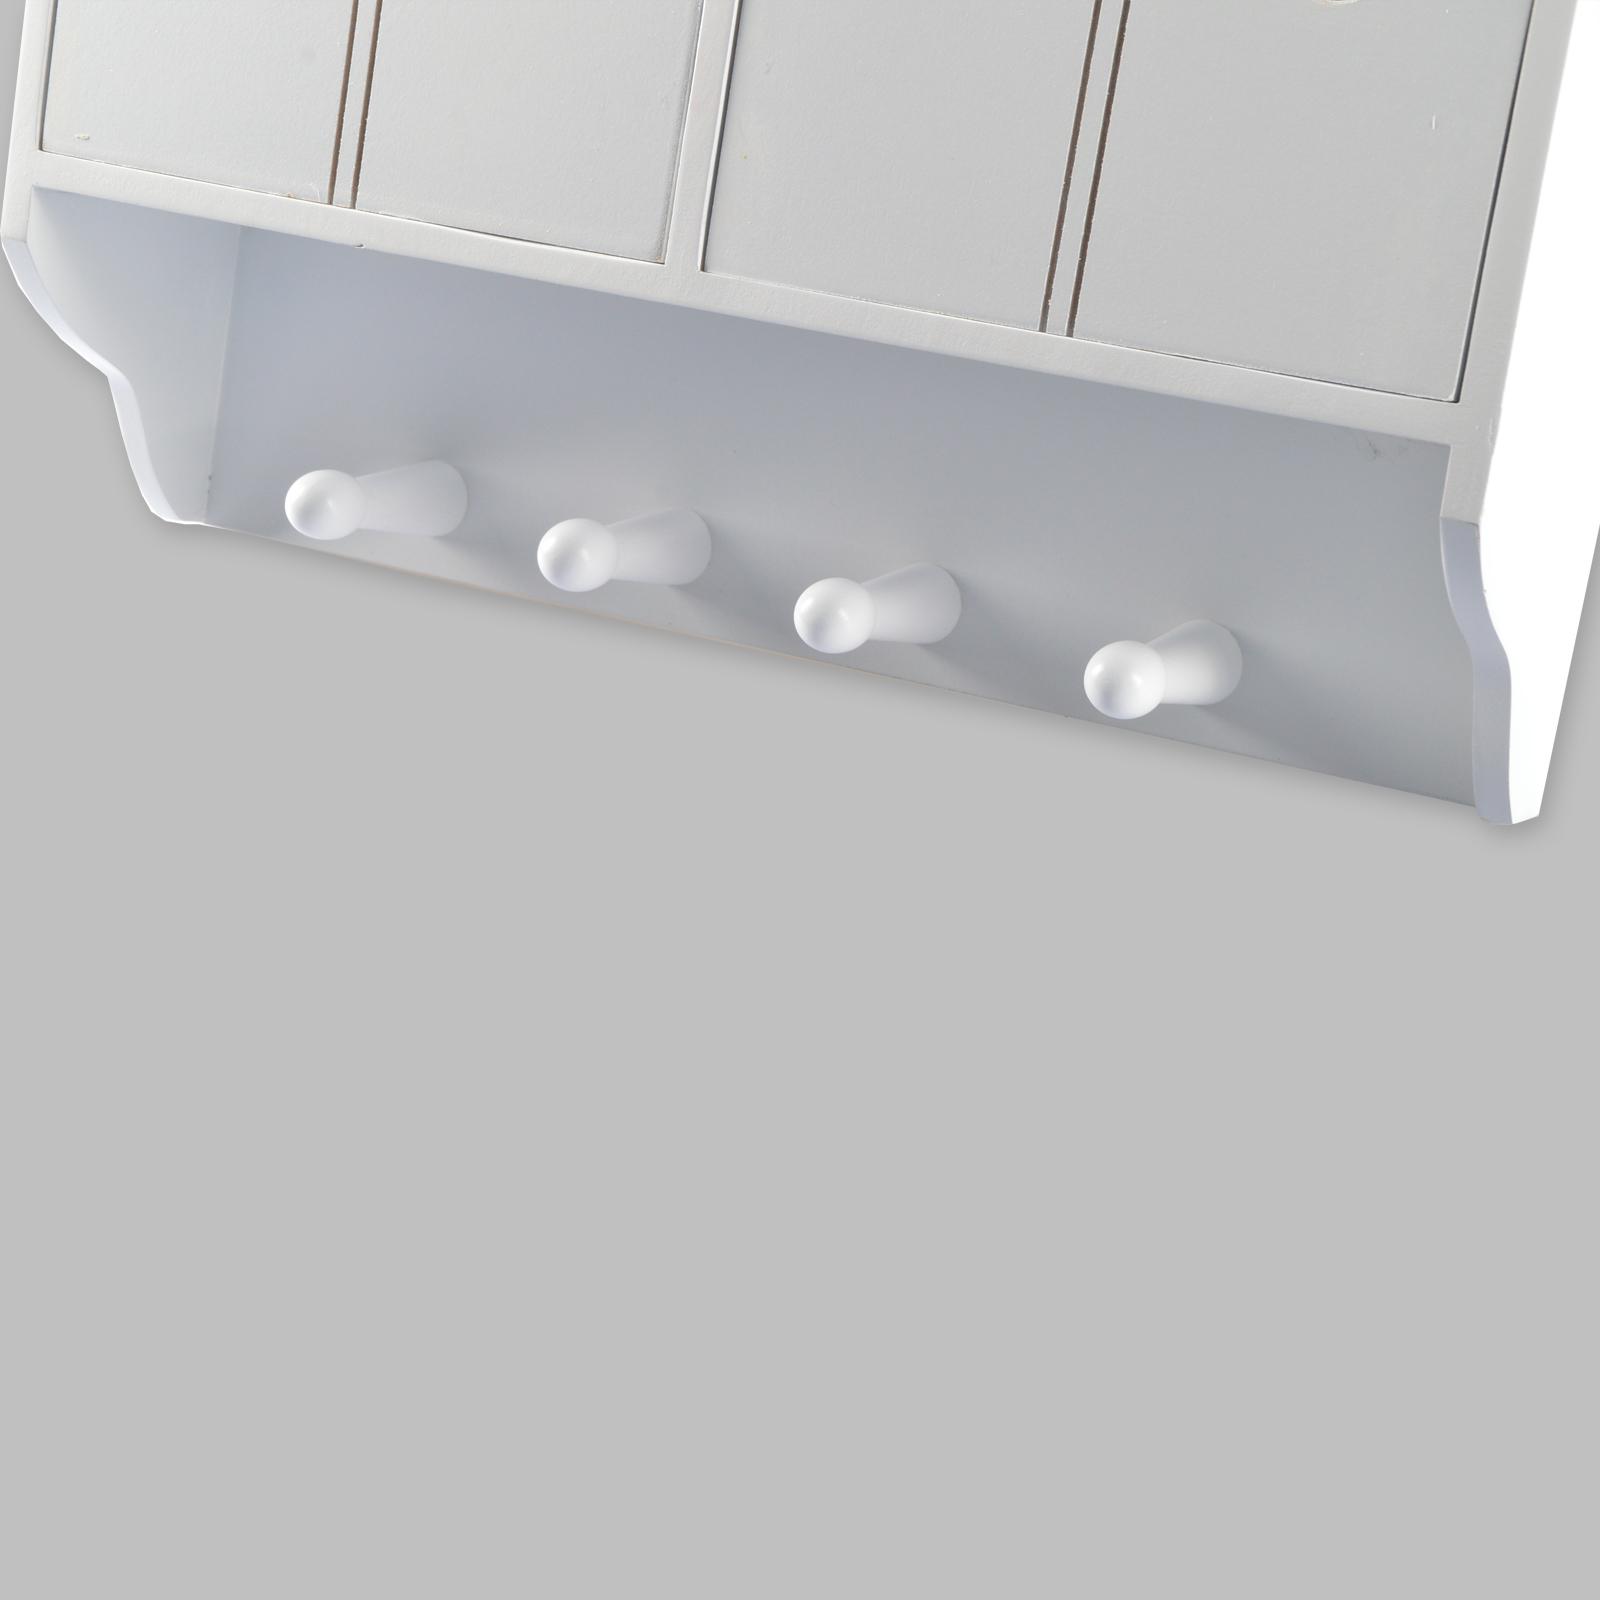 wandschrank 4 haken 4 schubladen 2 glastüren holz küchenschrank